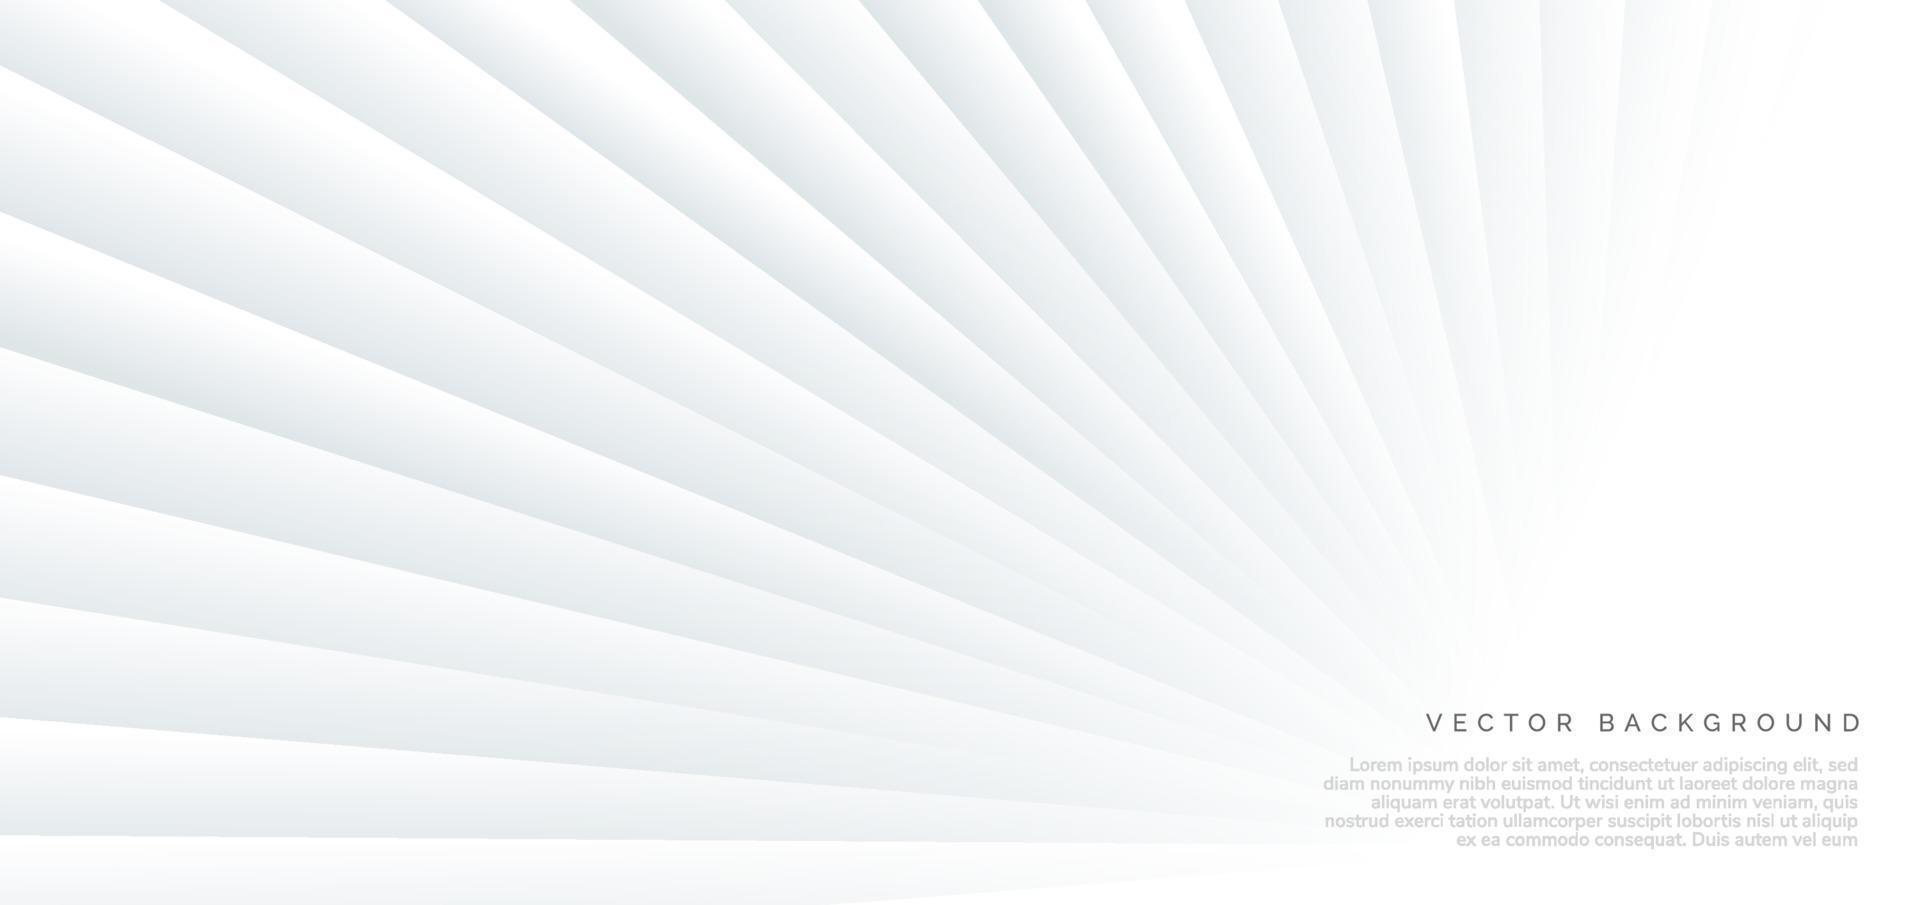 astratto banner diagonale sfondo bianco prospettiva. vettore